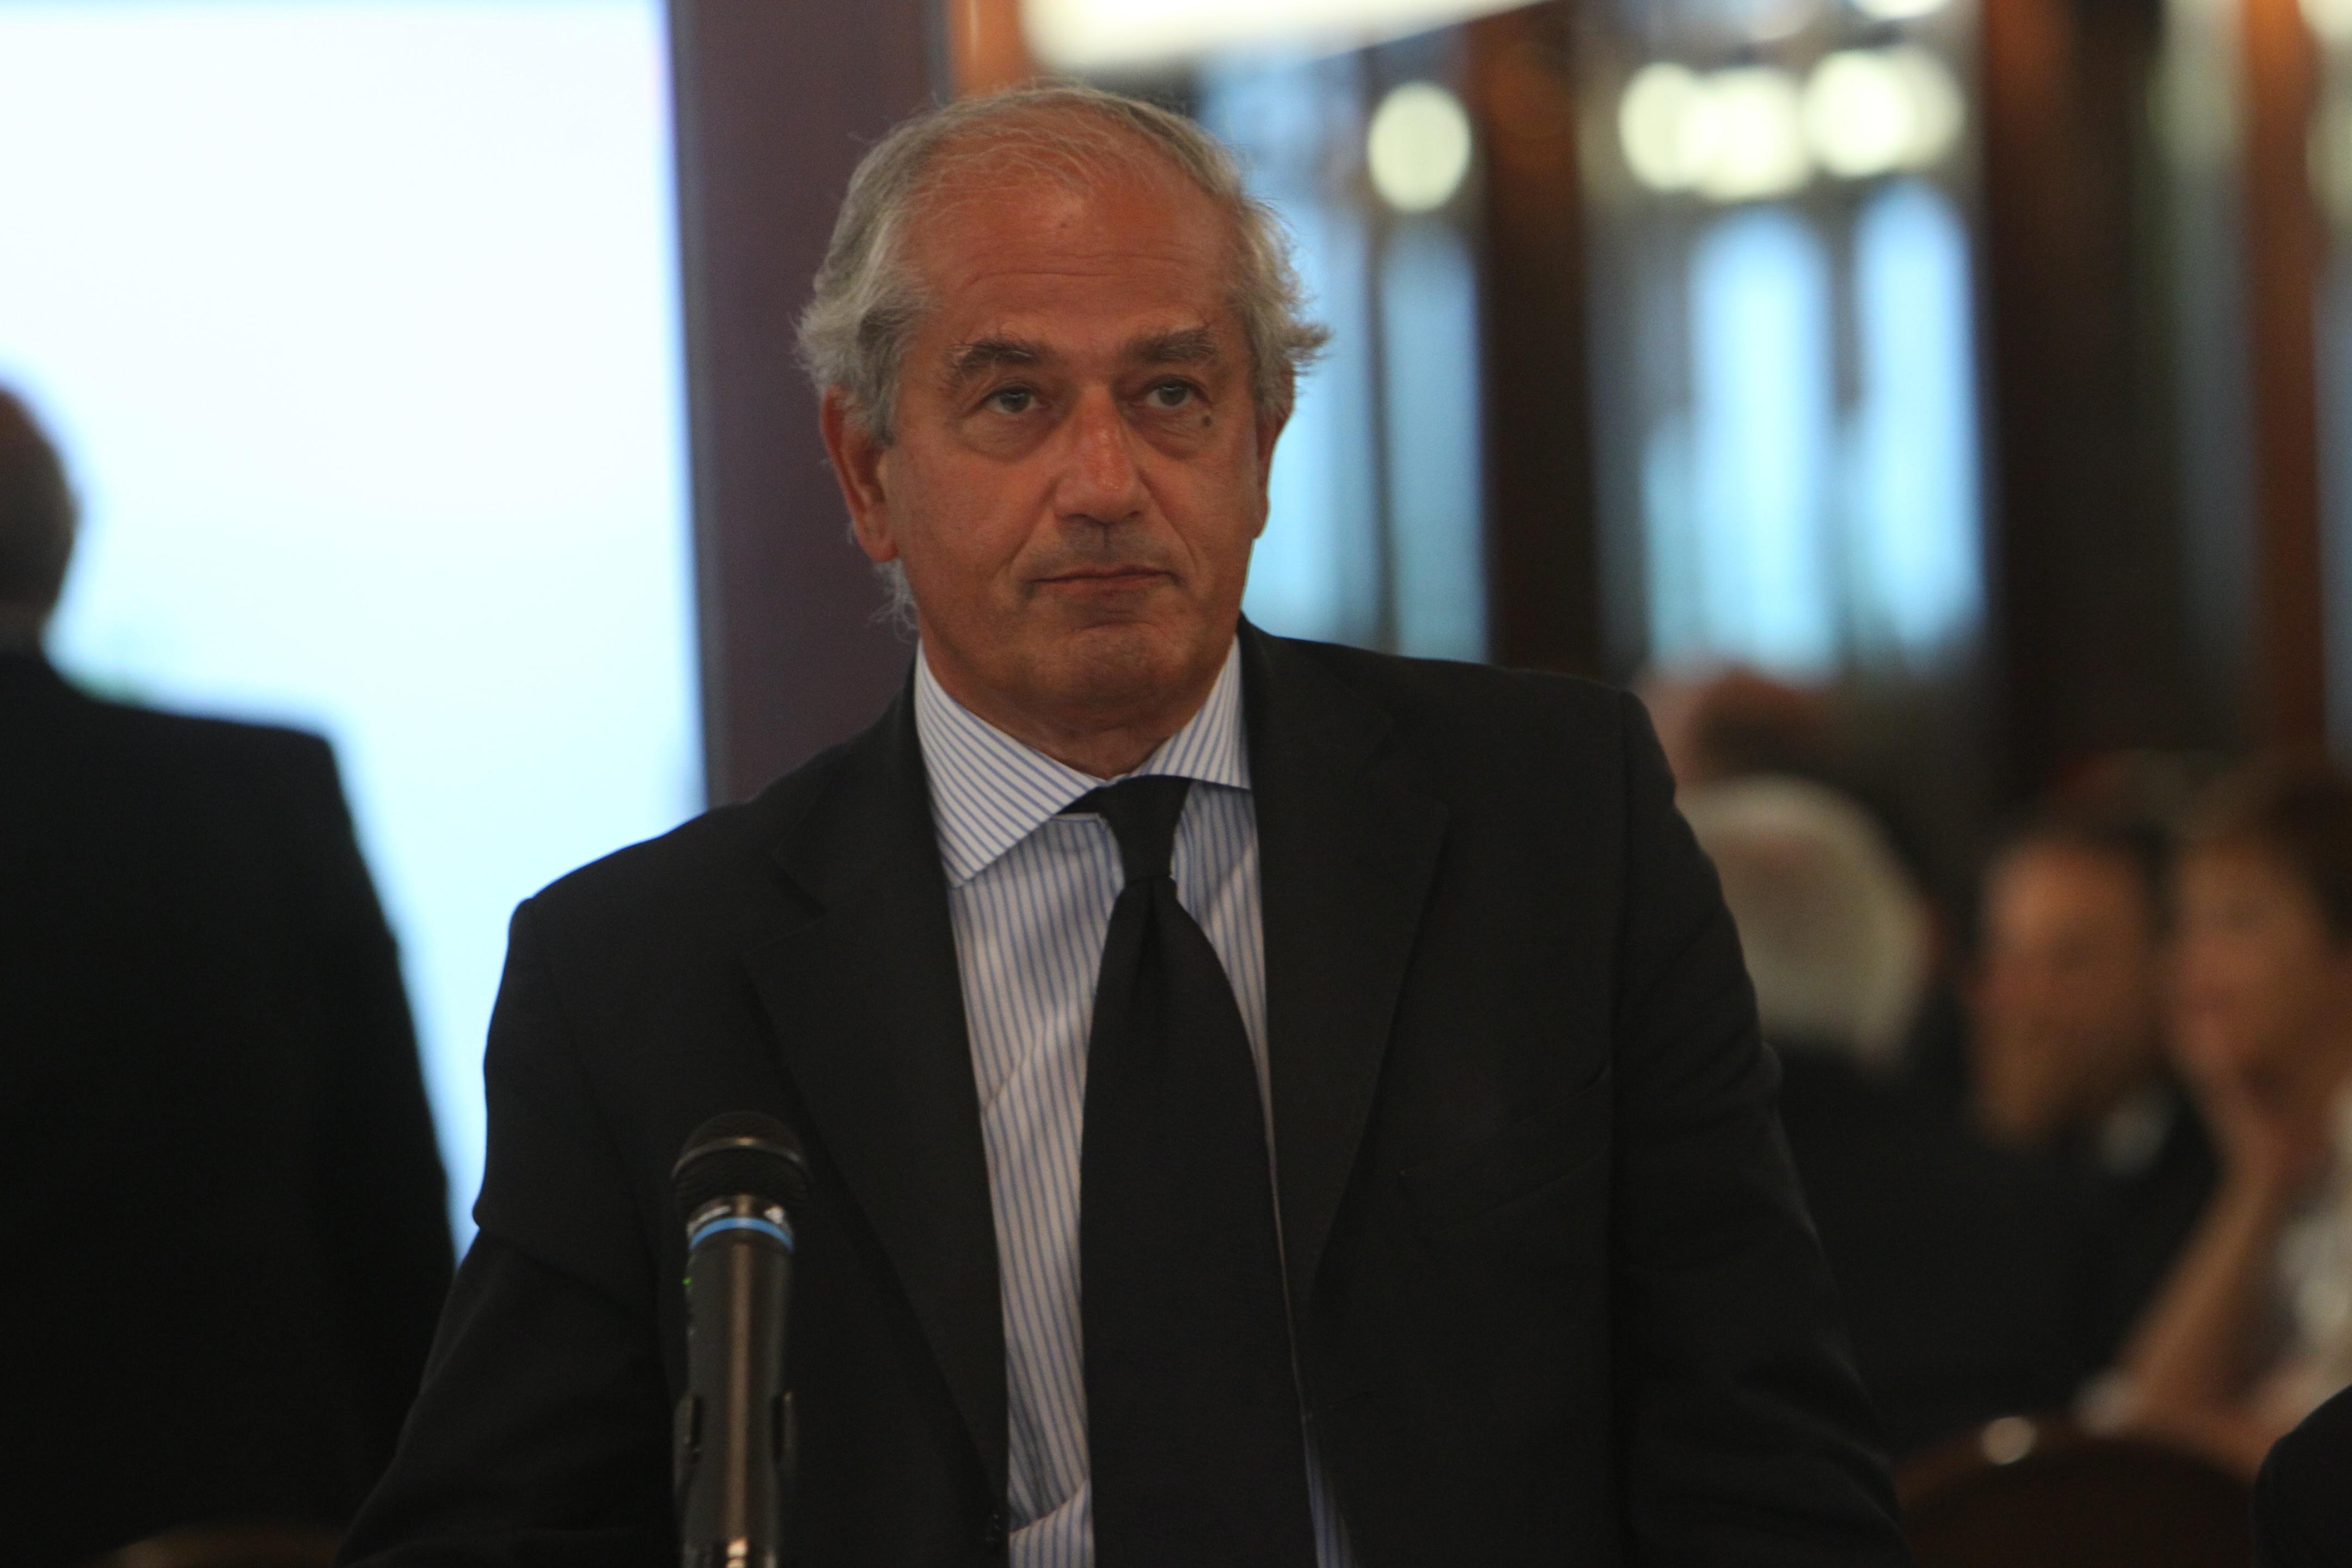 Giancarlo Capitani, Presidente di NetConsulting cube, ci espone il suo punto di vista alla luce del Piano Impresa 4.0